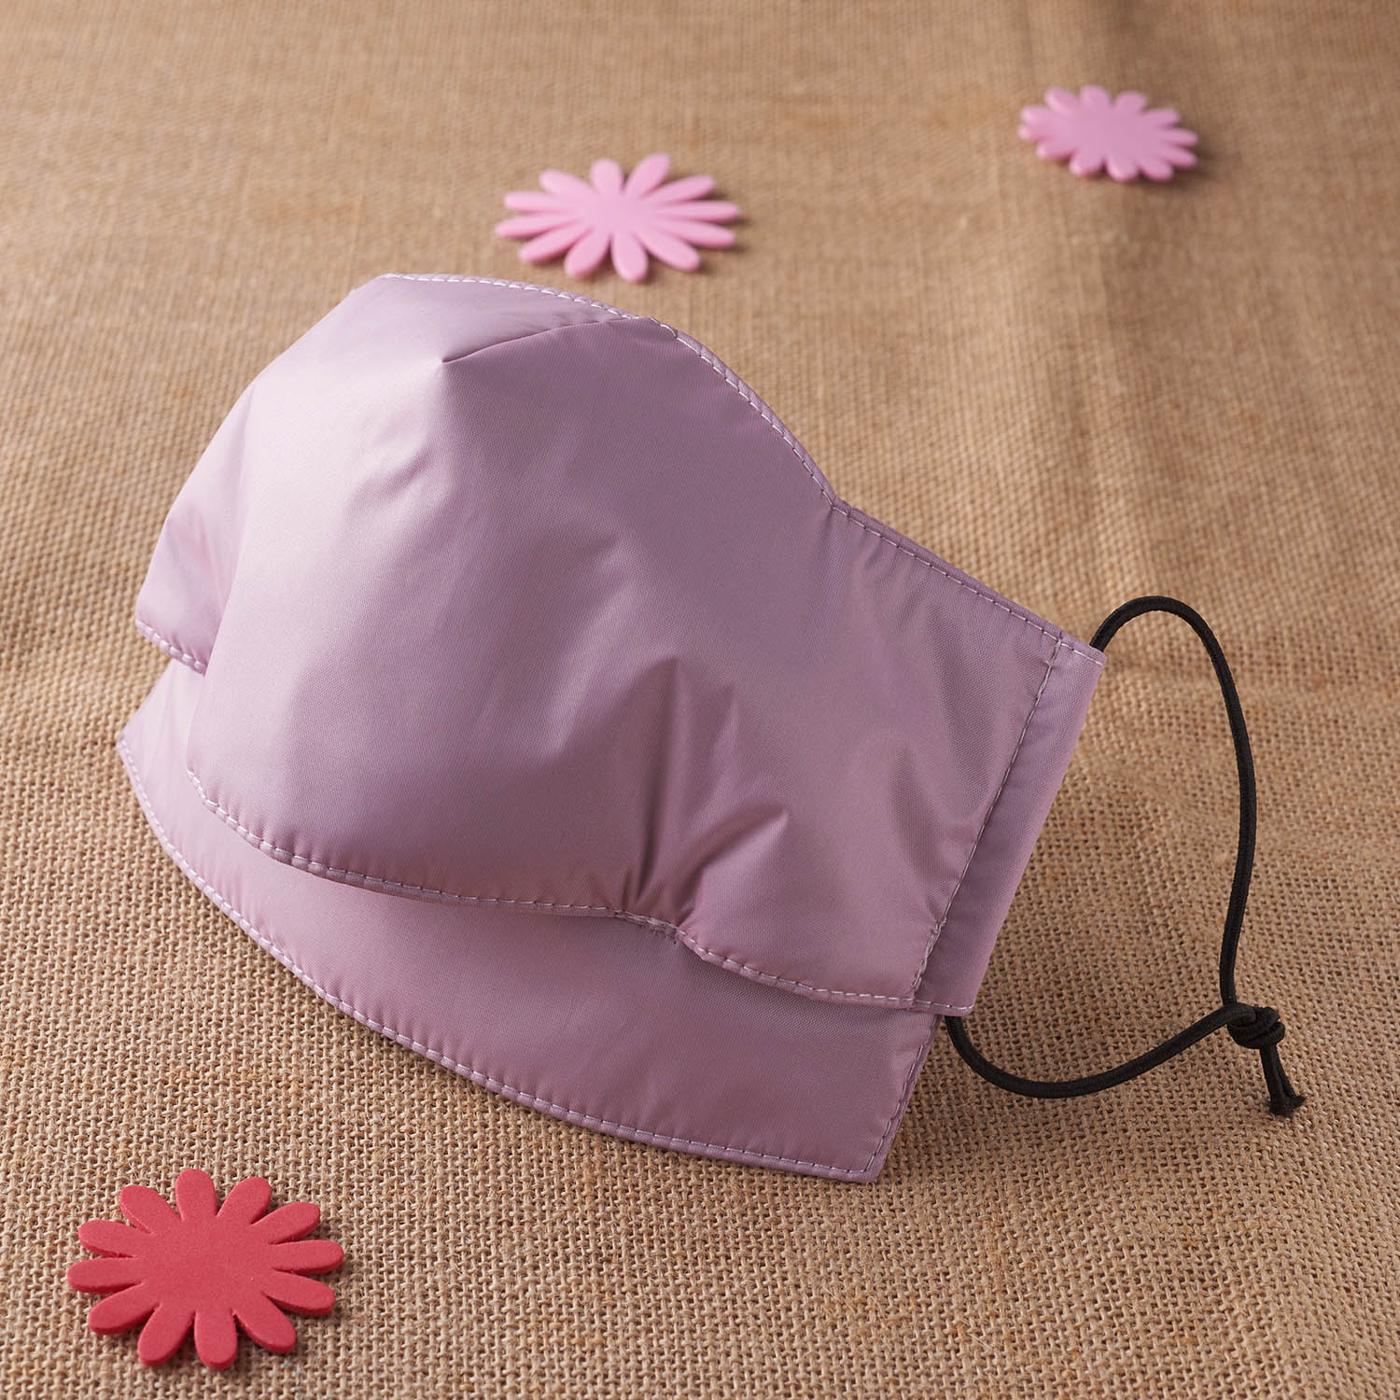 【雨晴牌-專利開口防雨口罩】◎成人-粉紫色◎100%防豪大雨 特製親膚軟質防水布 超舒適 99%抗UV